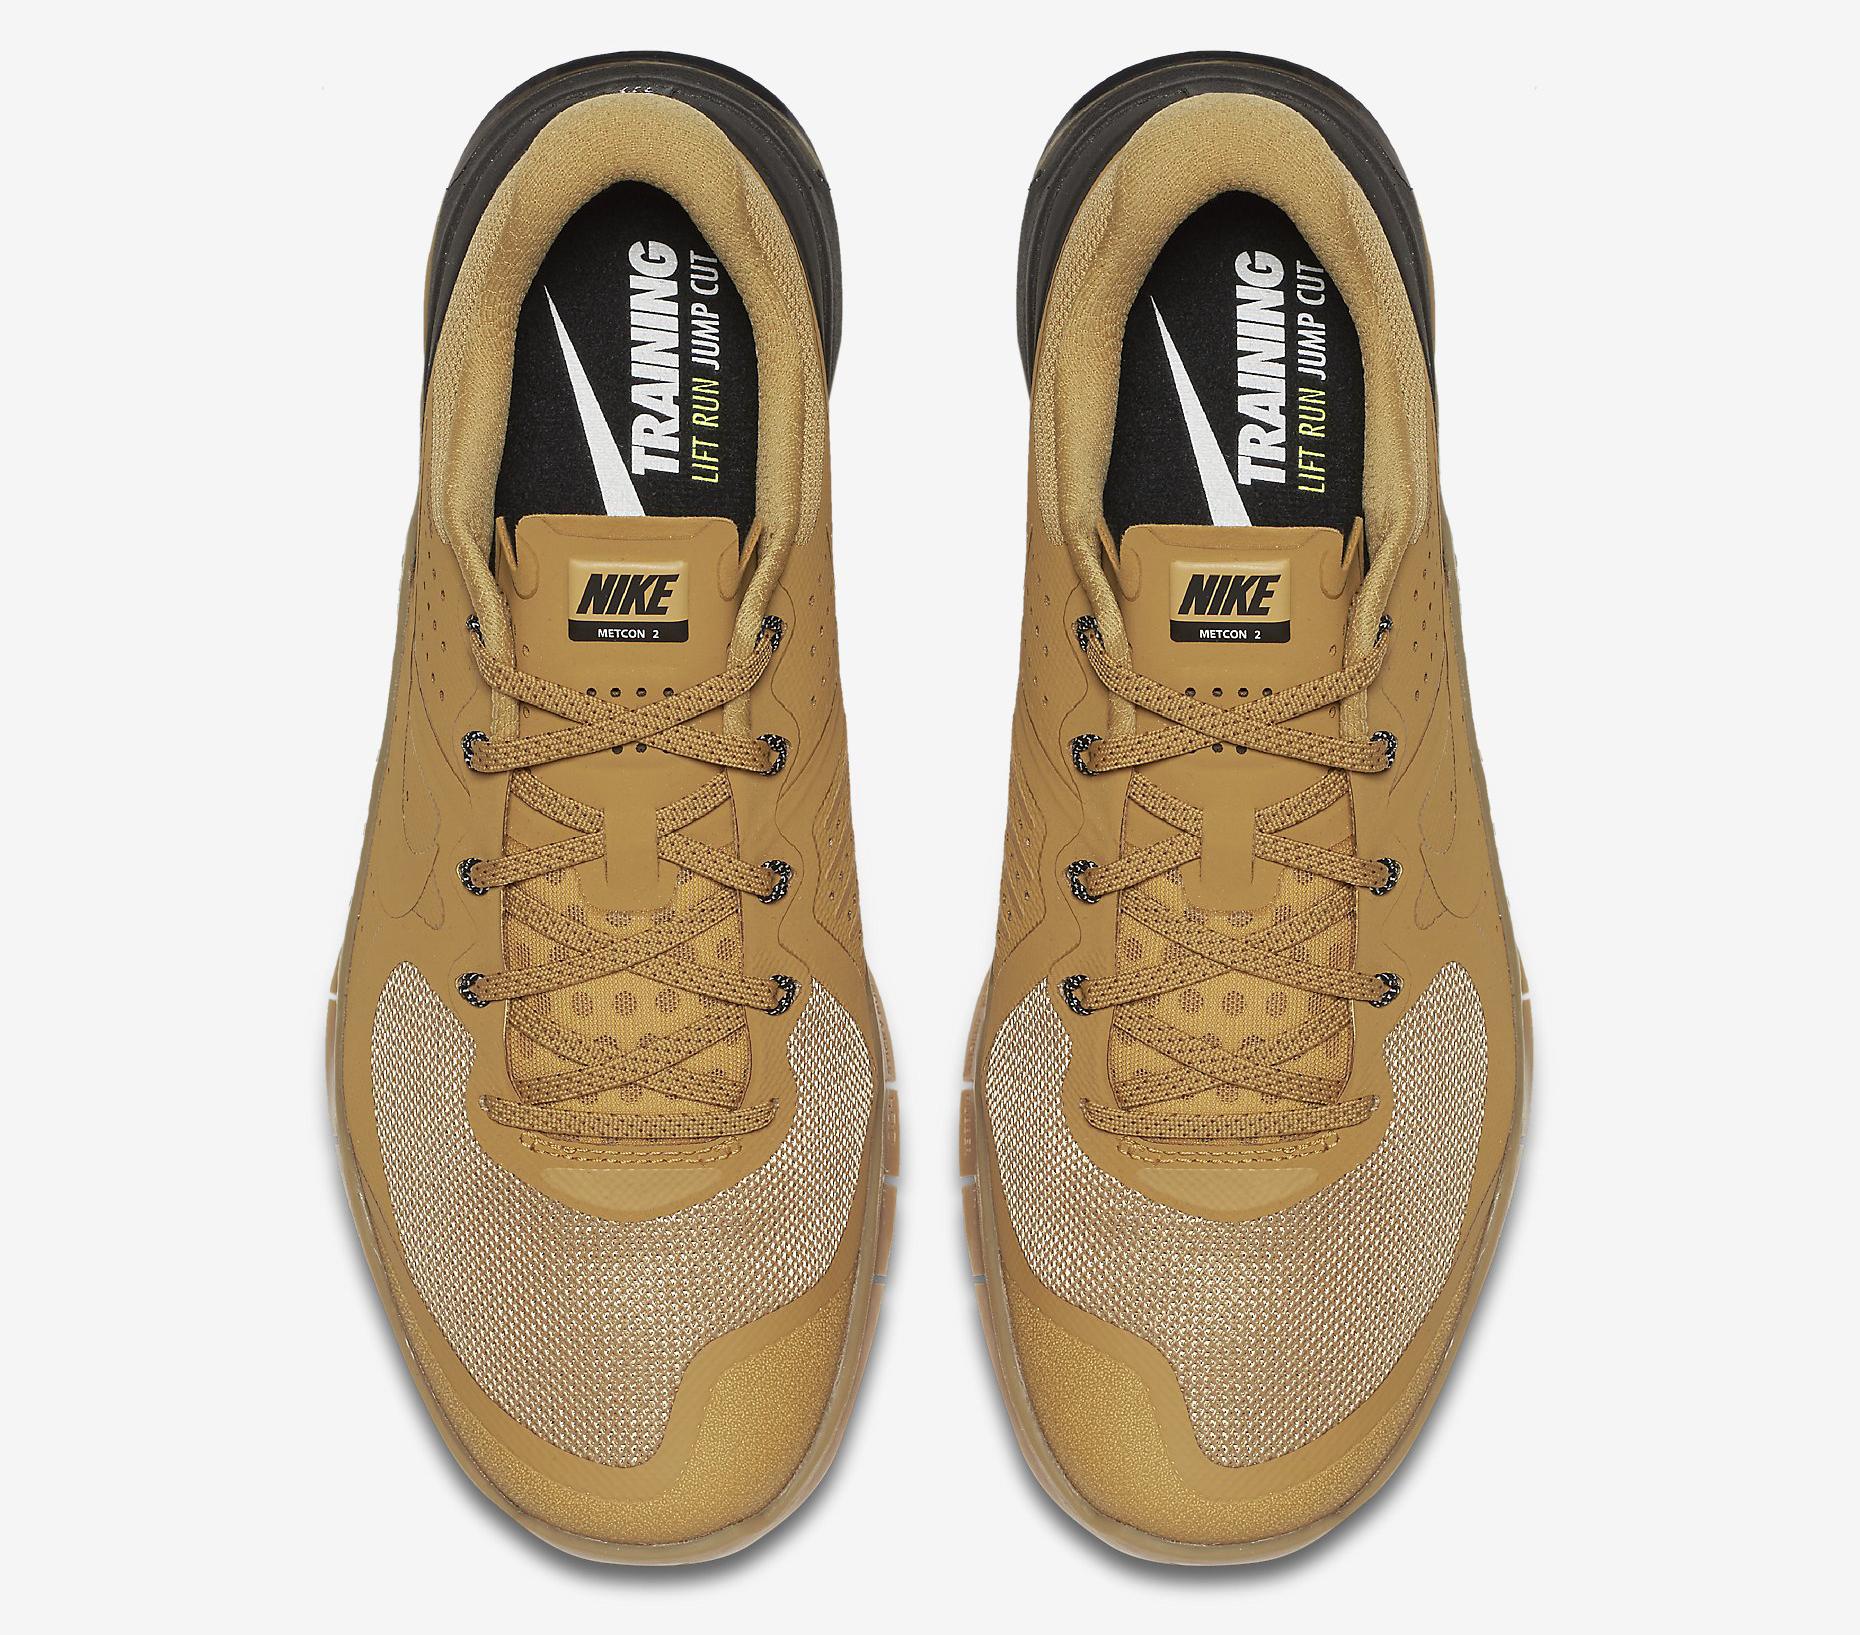 Nike Metcon 2 Wheat 819899-702 Top